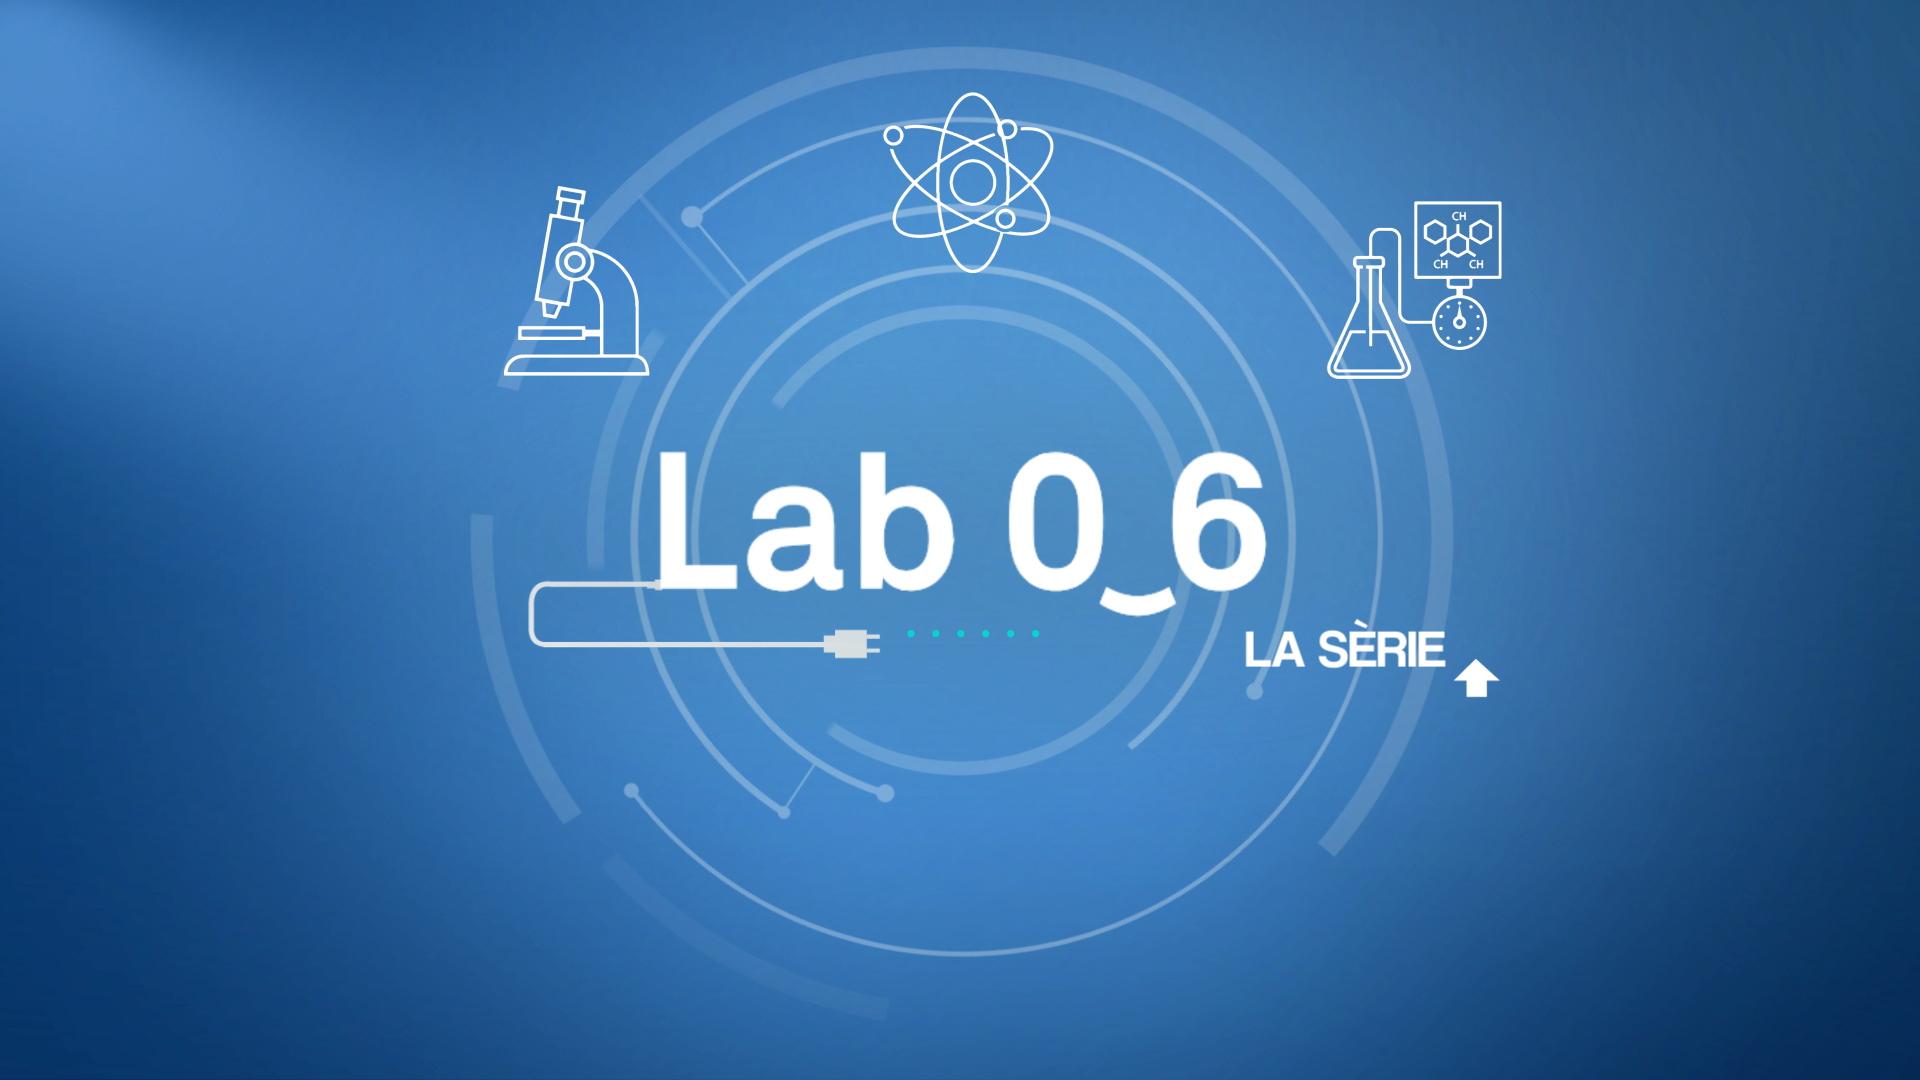 Lab 06. La sèrie